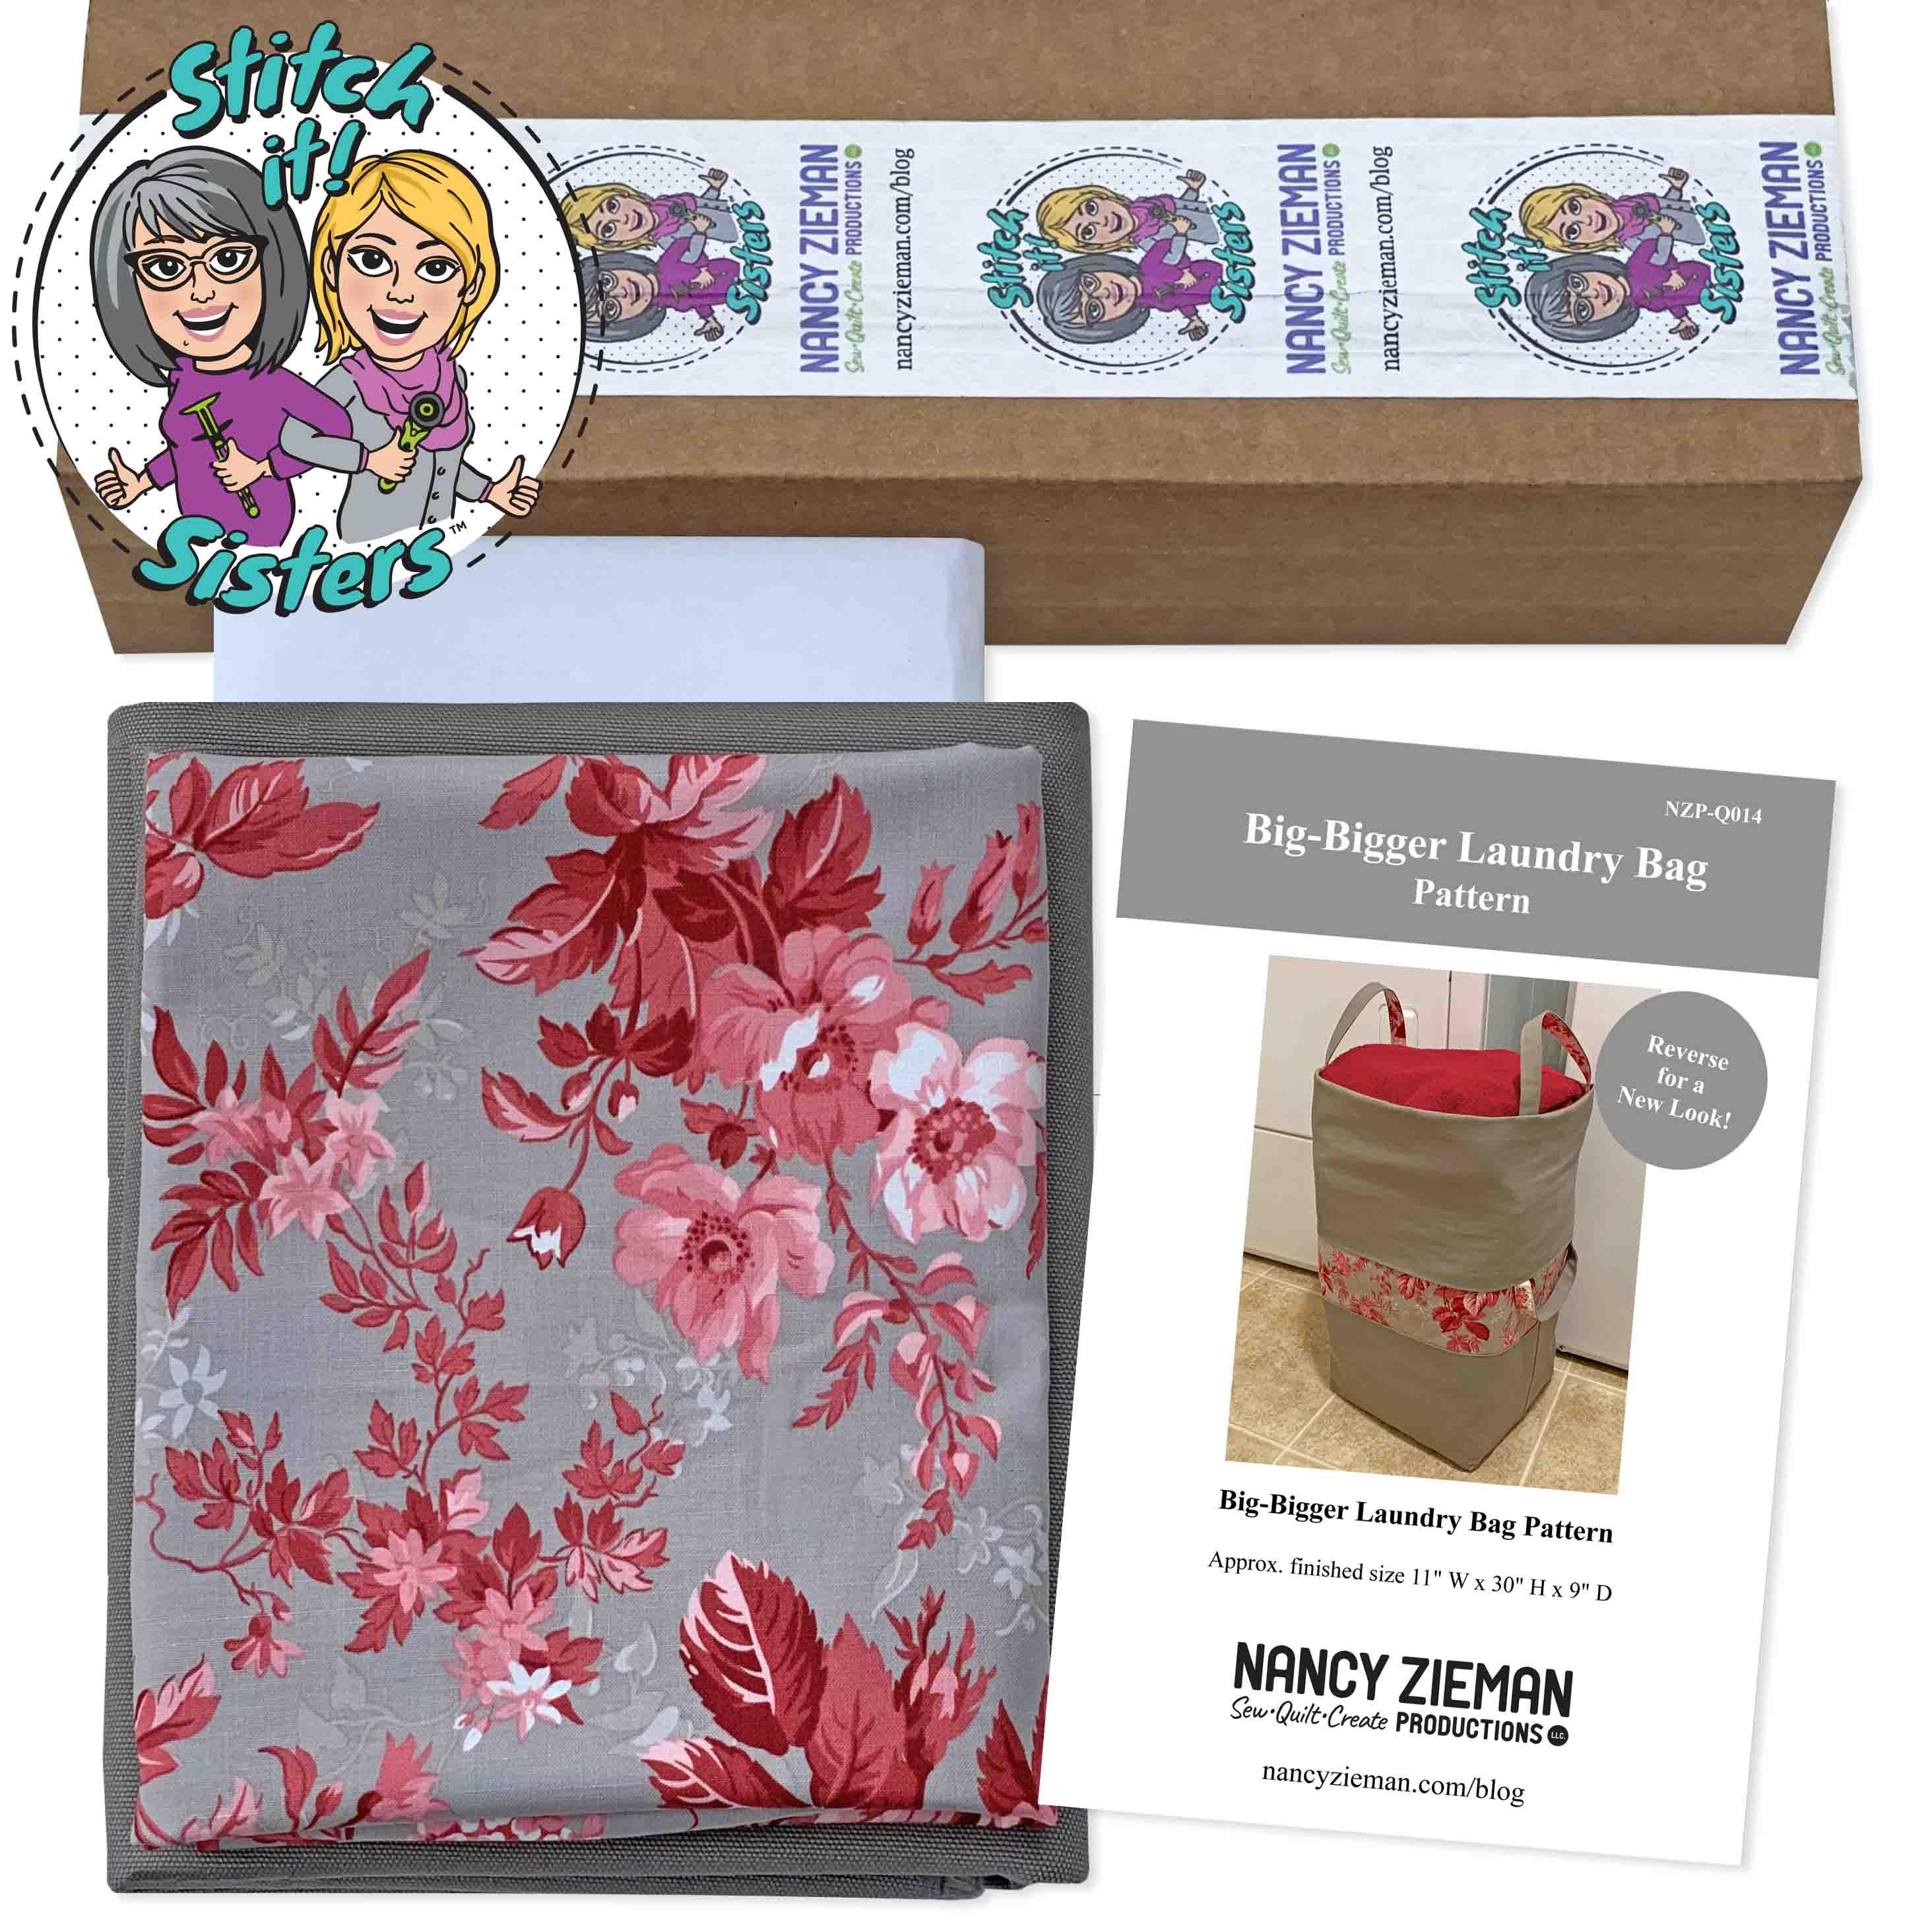 NEW! S!S 109 Big-Bigger Laundry Bag Bundle Box at shopnzp.com